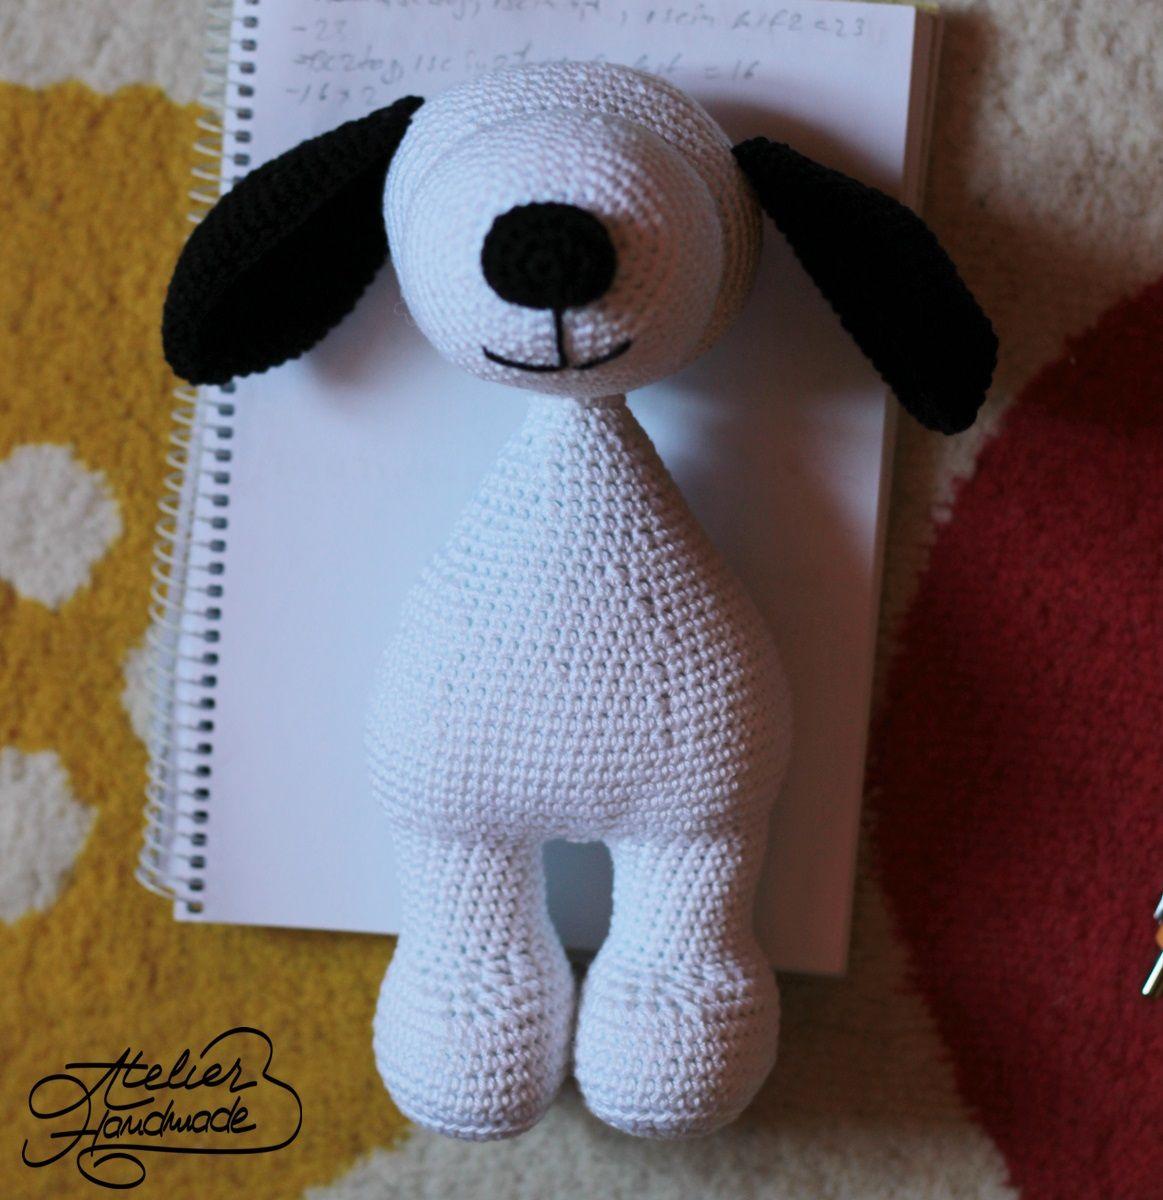 Snoopy The Dog - Free Crochet Pattern (con immagini) | Schema ... | 1200x1163